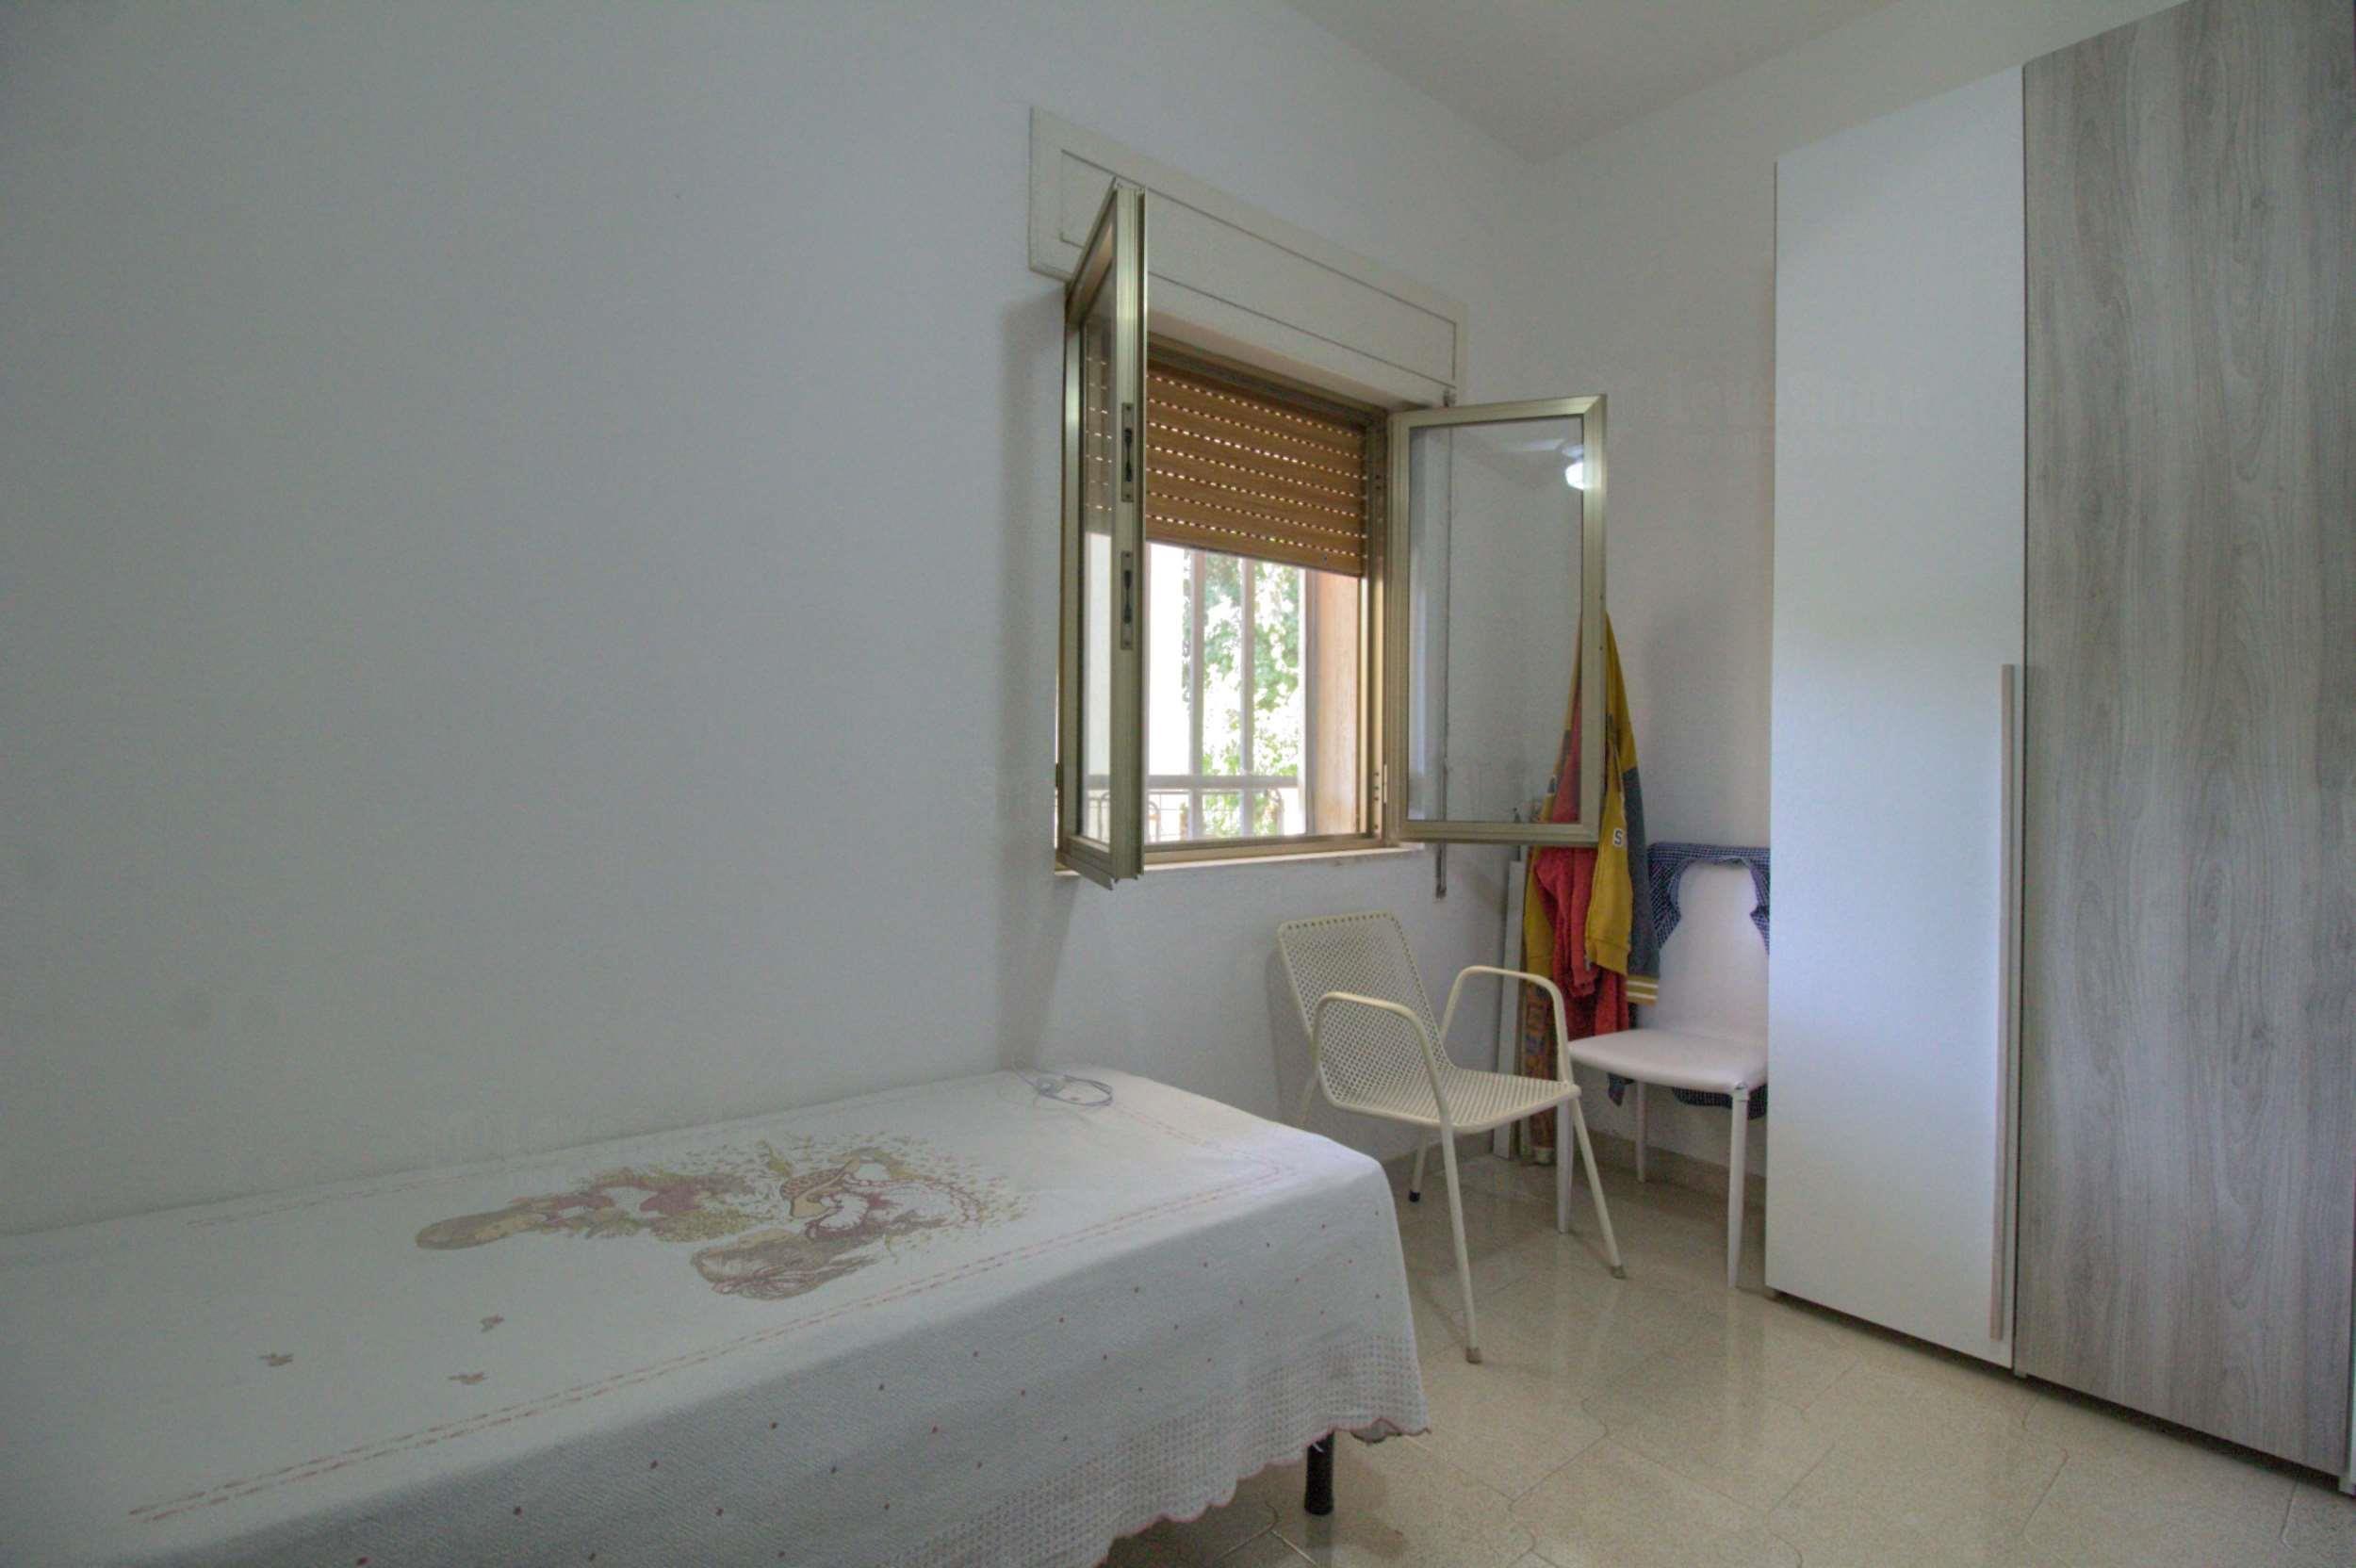 Apartment La Chioggia fronte spiaggia Specchiarica photo 22462811